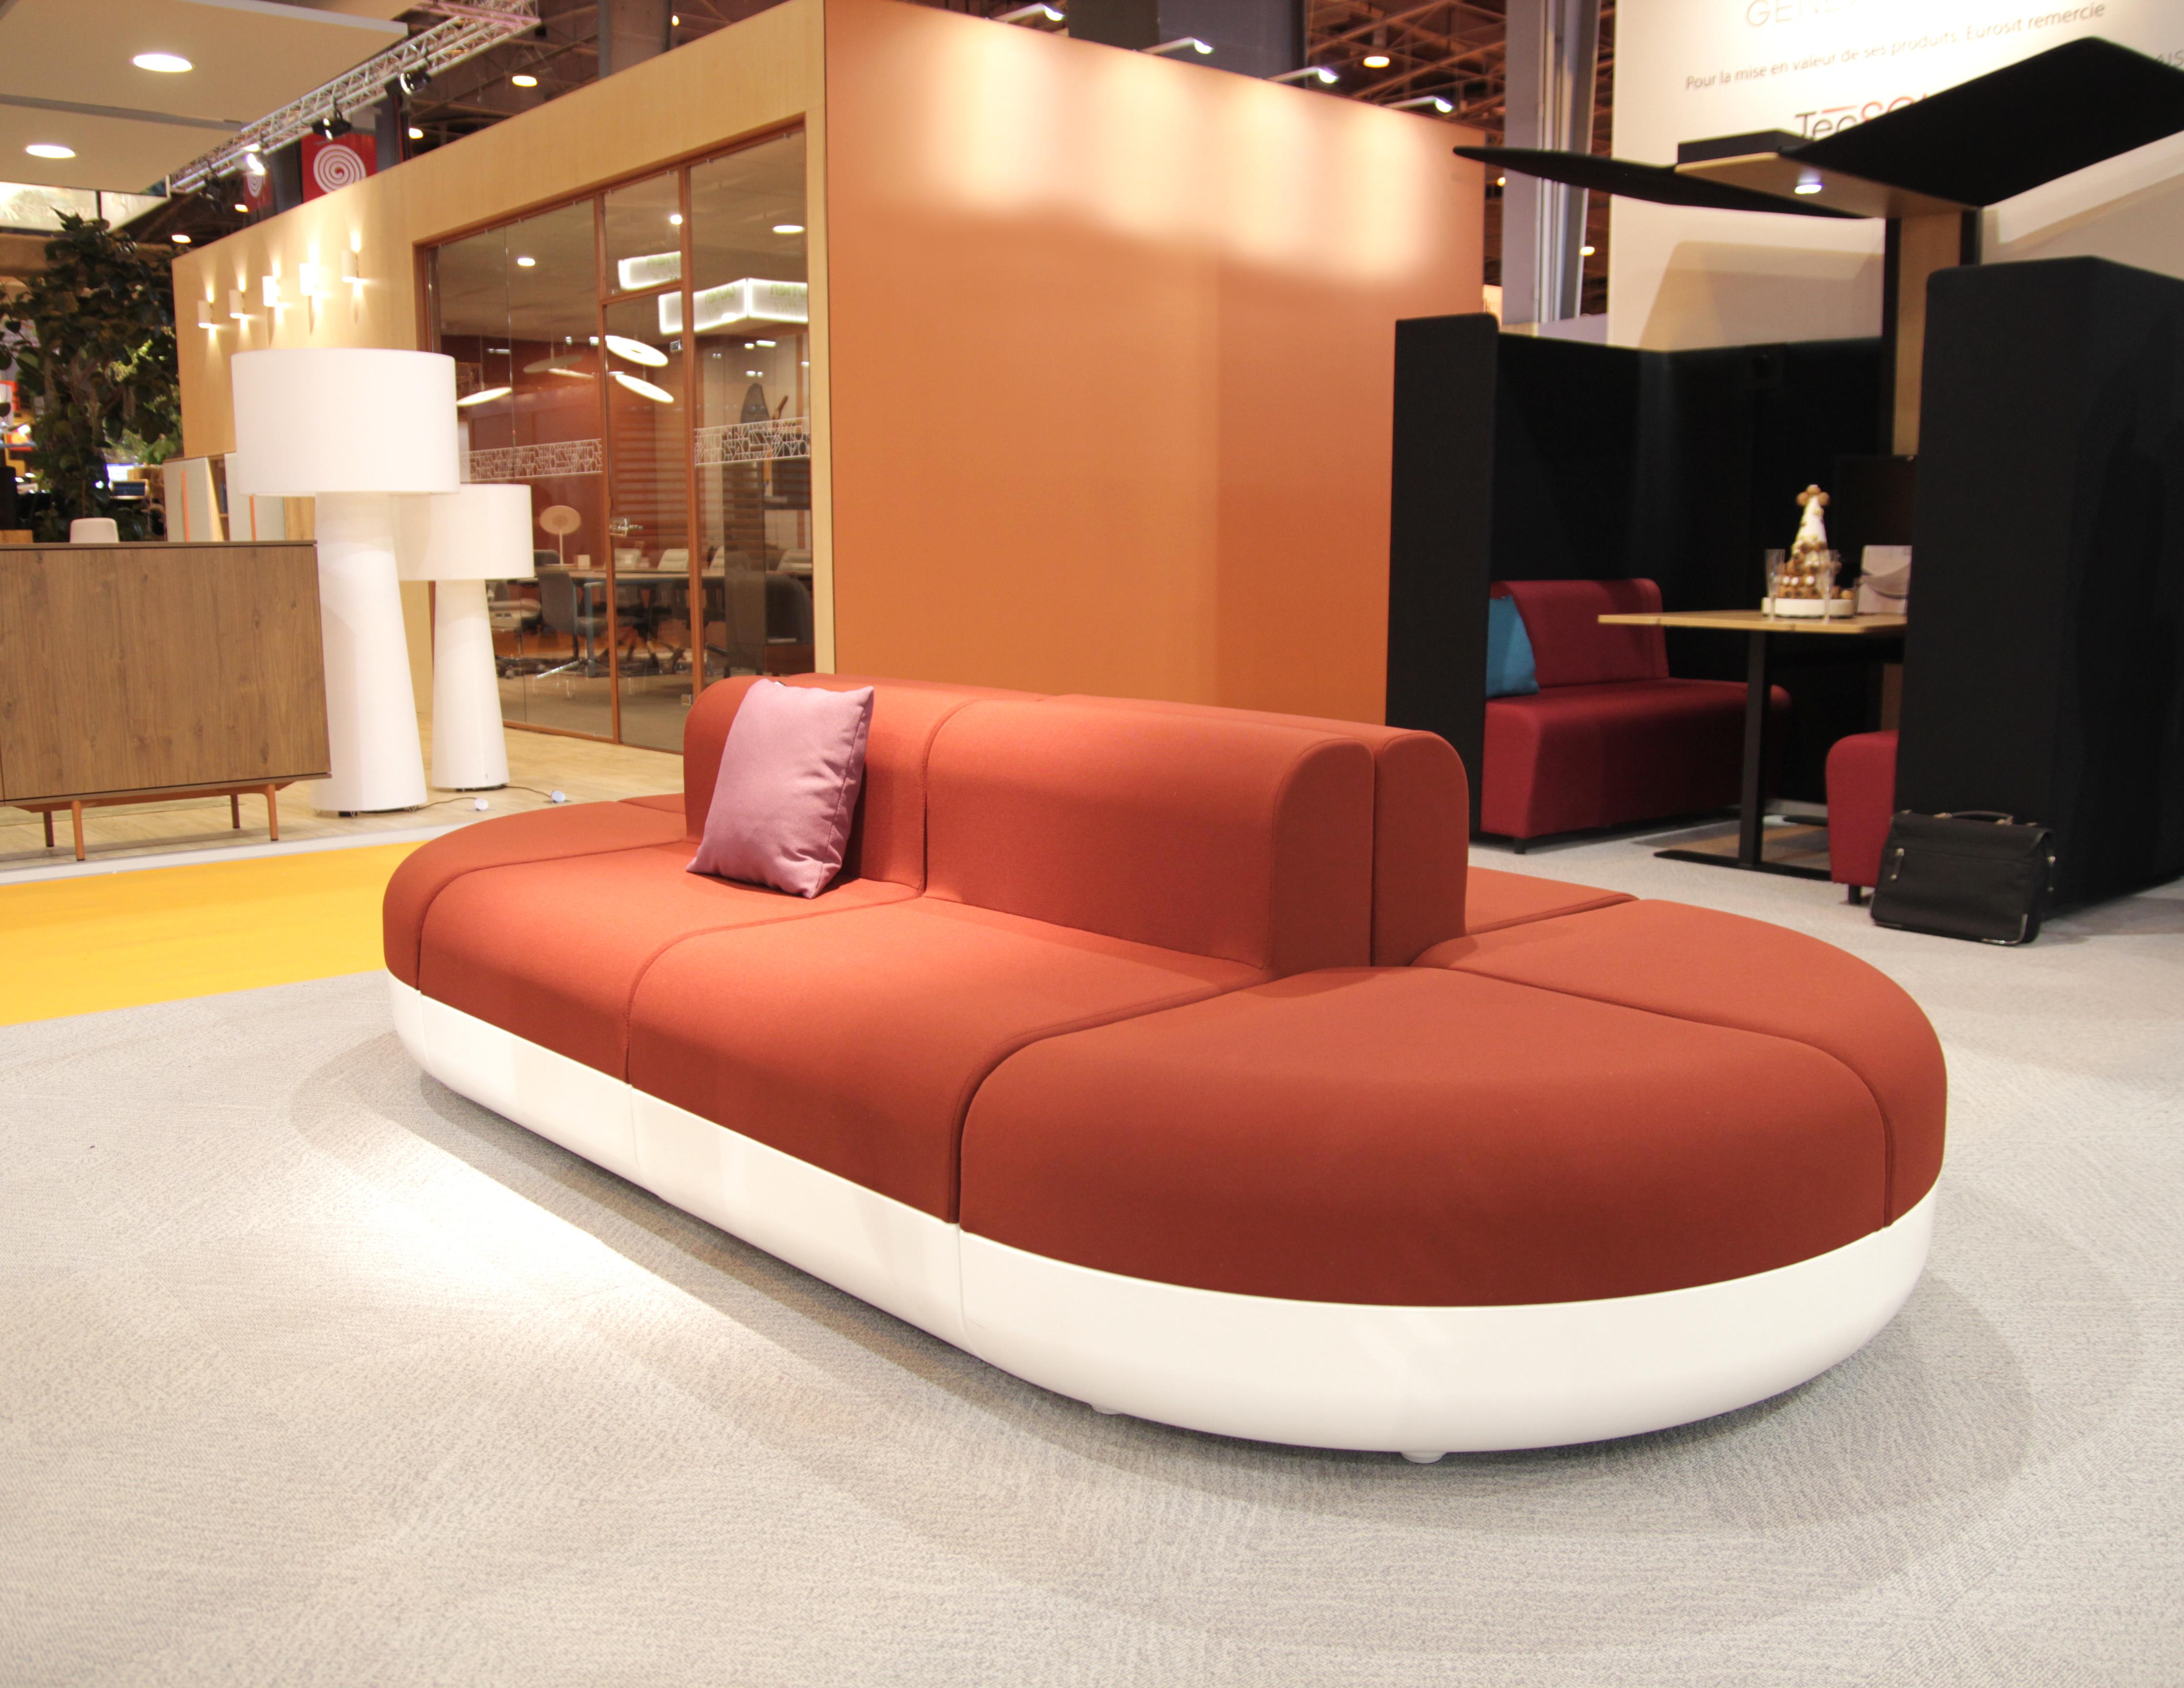 EUROSIT, fabricant français de solutions d'assises depuis 1948 est un des leaders européens.